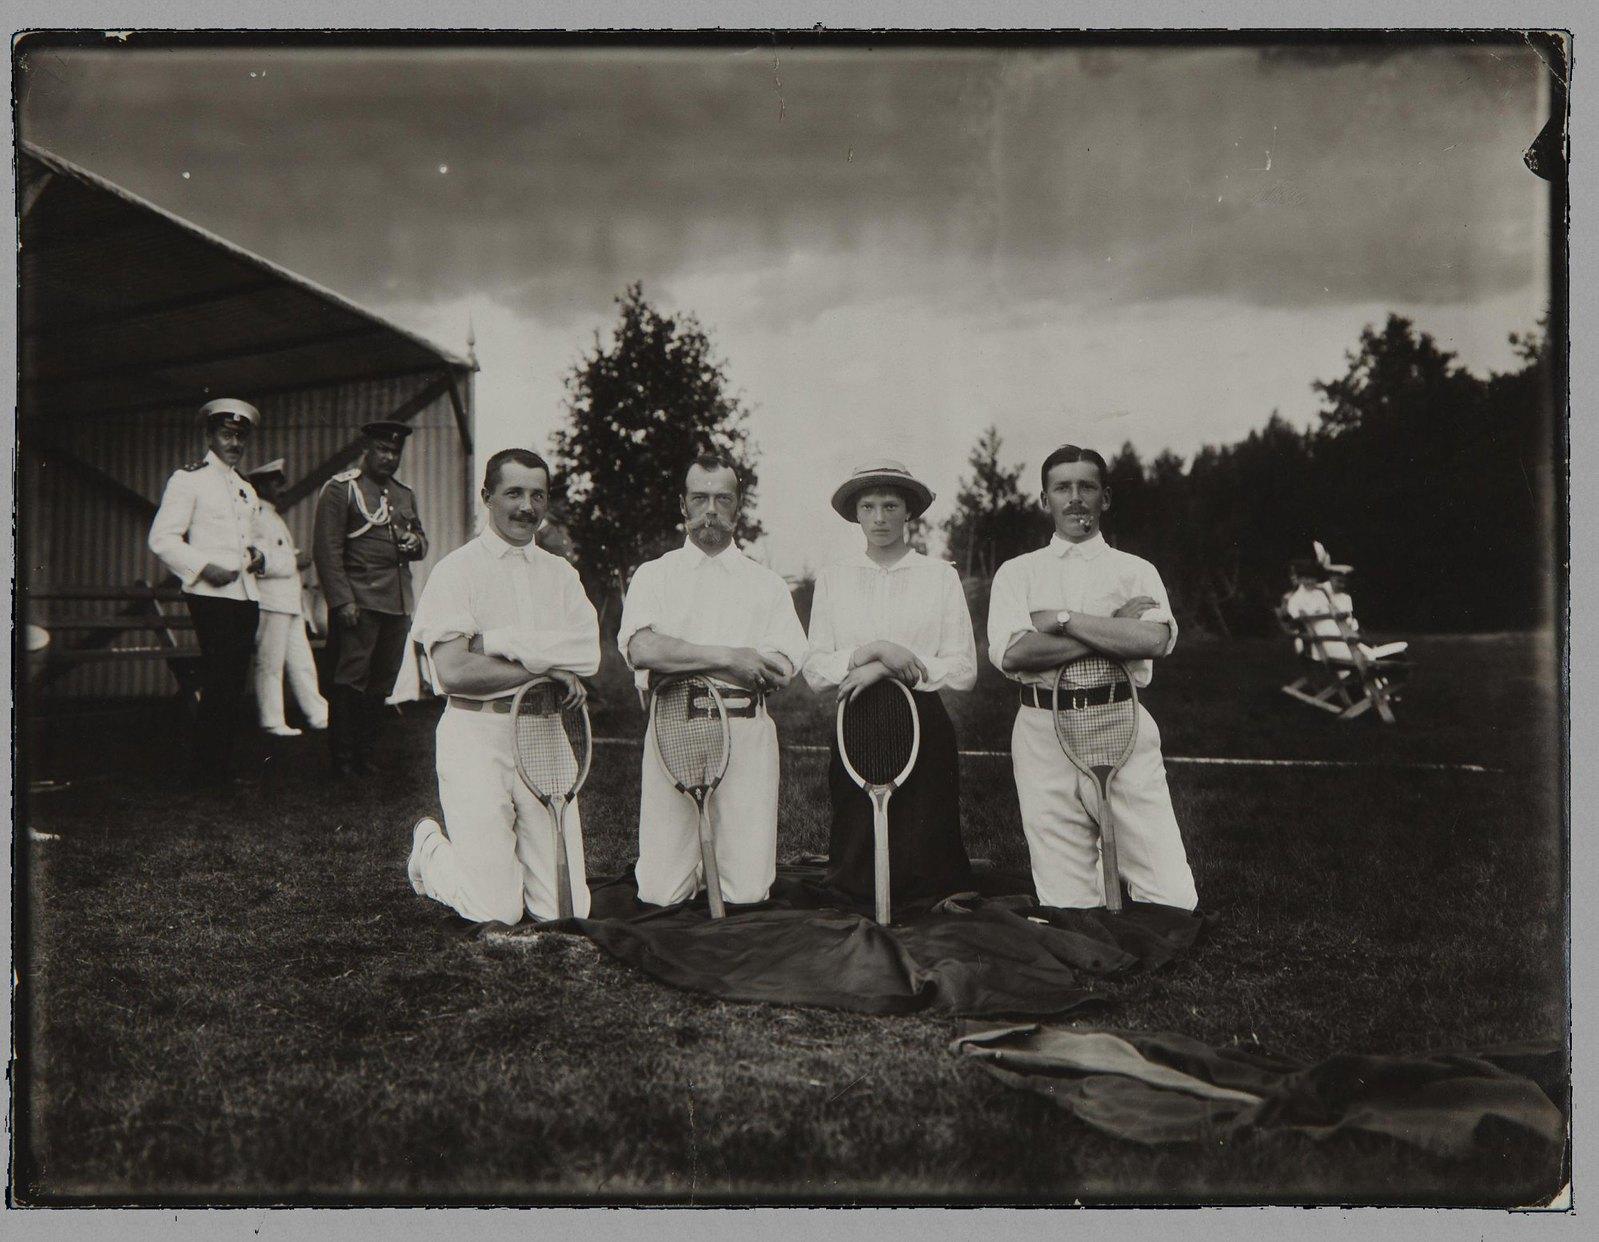 1913. Император Николай II с великой княжной Татьяной Николаевной и двумя неизвестными после игры в теннис